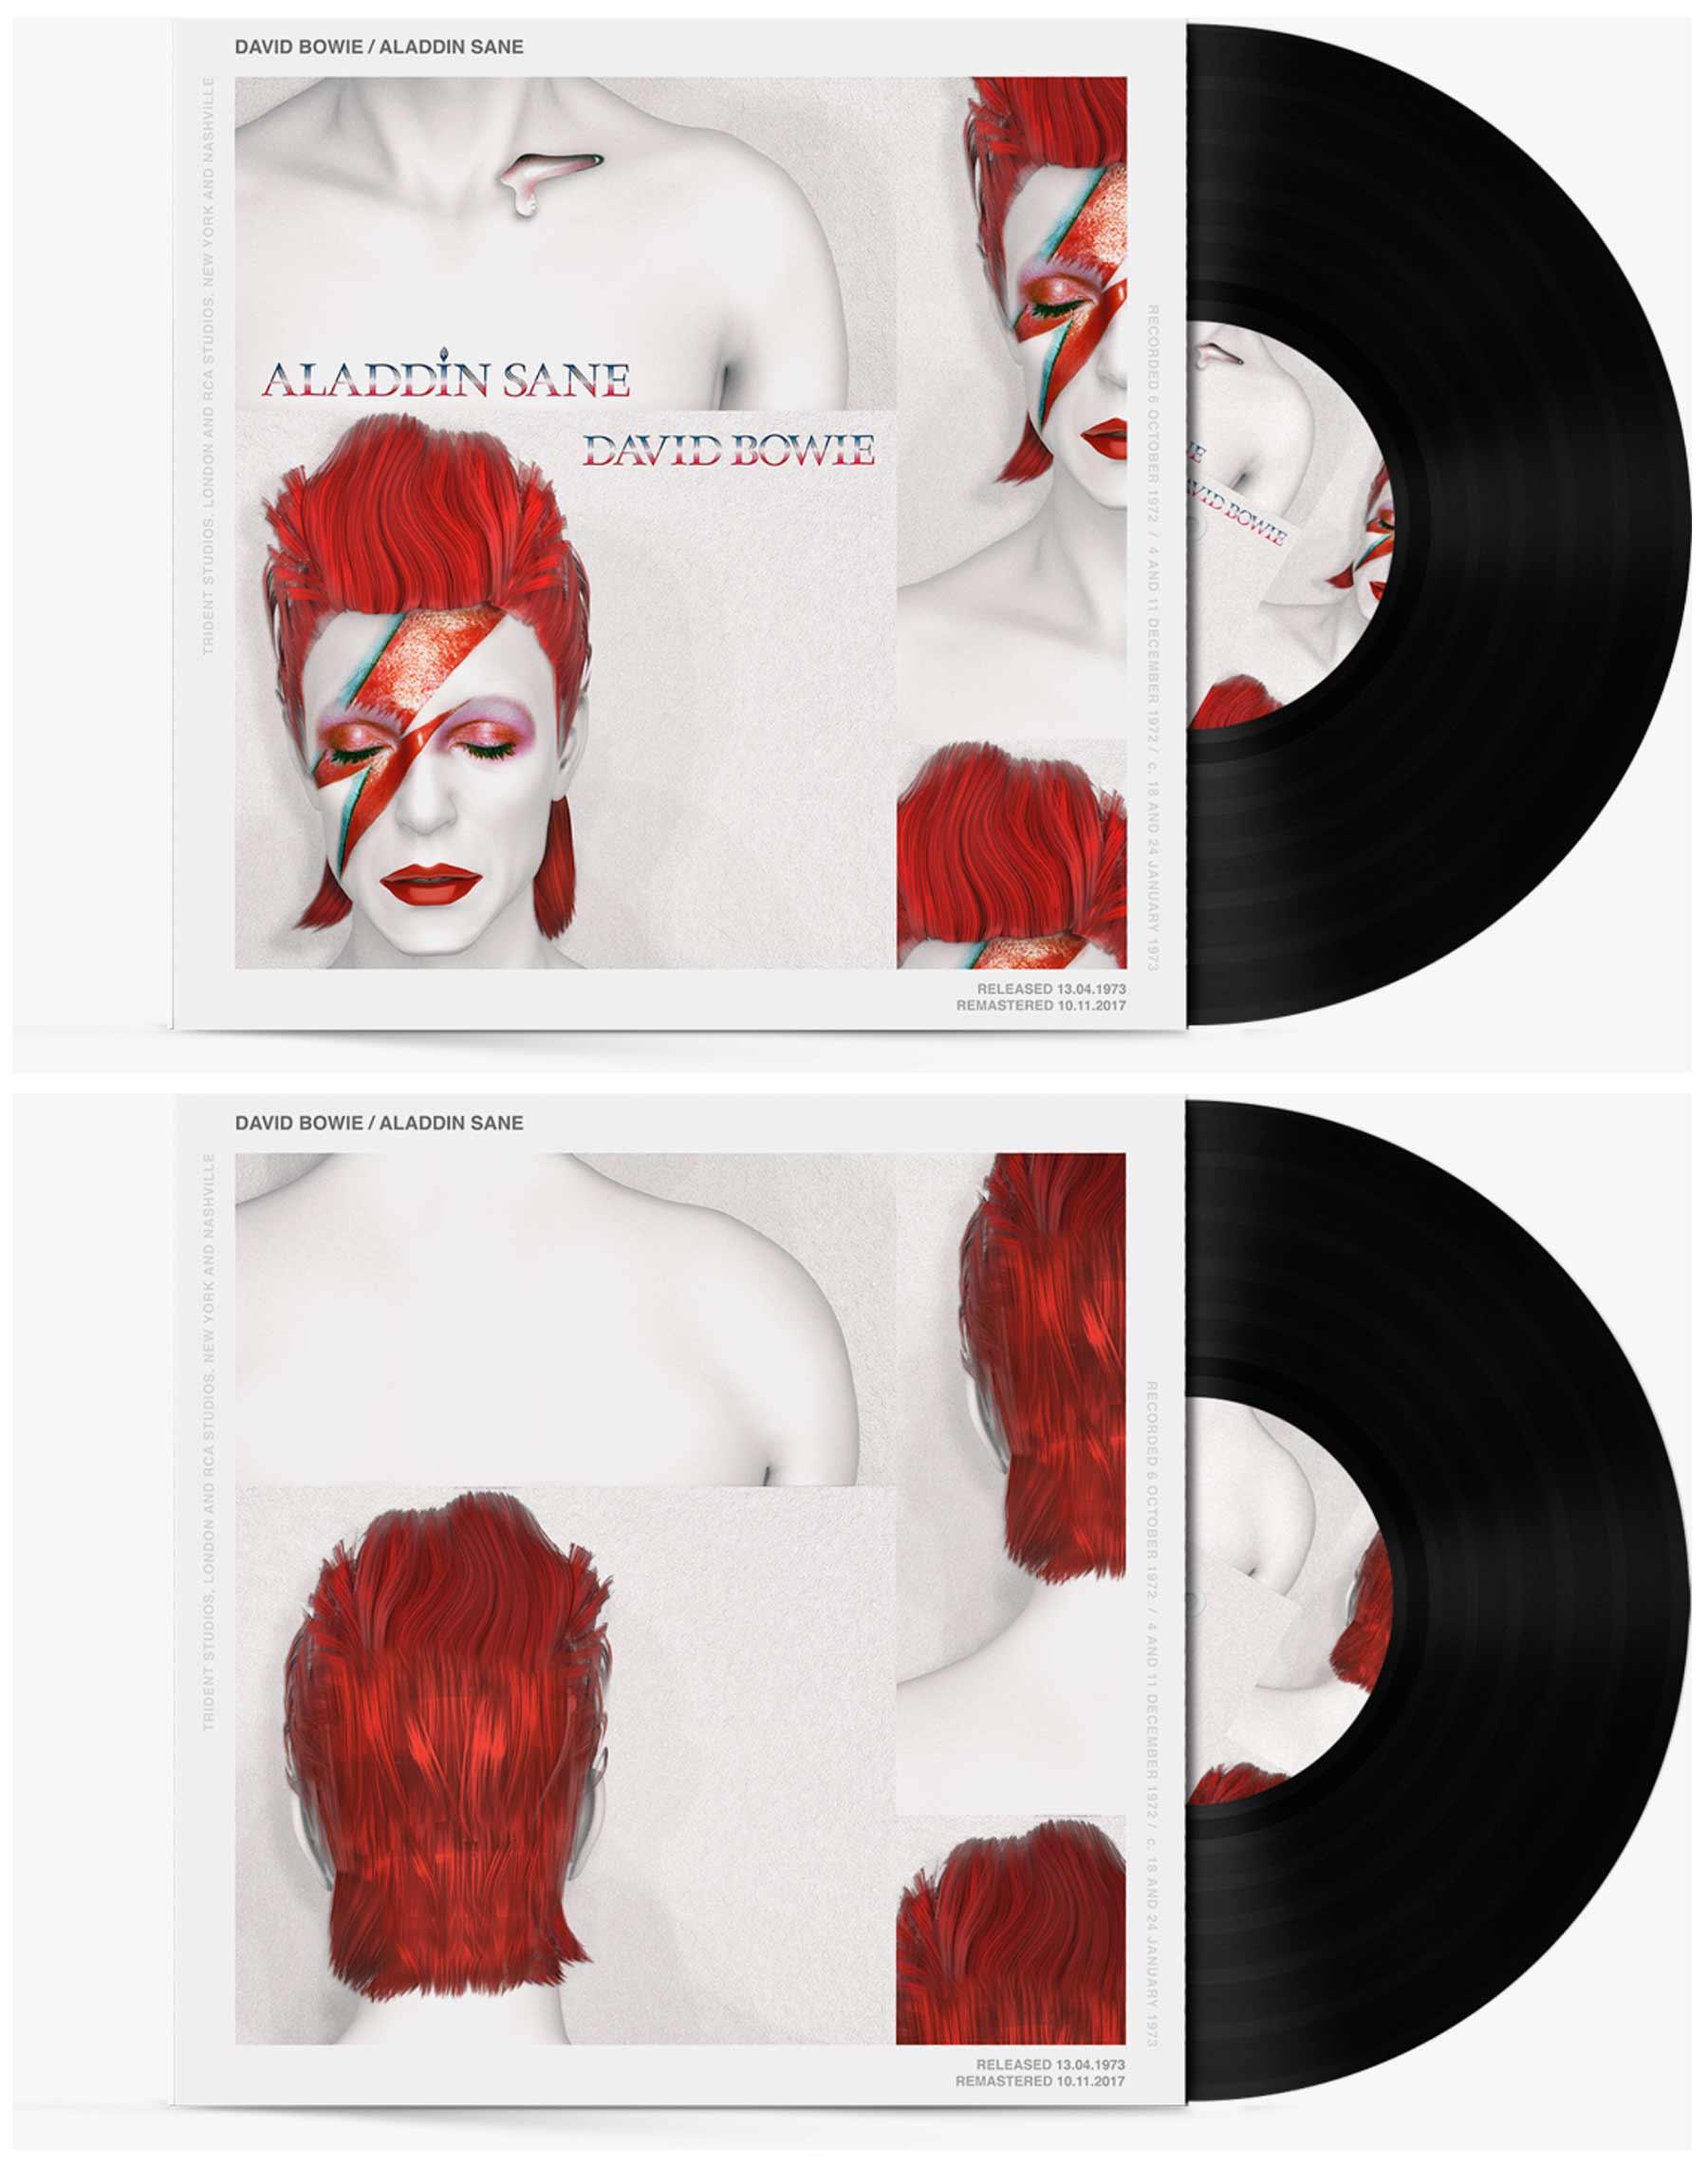 Neu-gestaltete Cover ikonischer Platten reimagined-album-covers_03